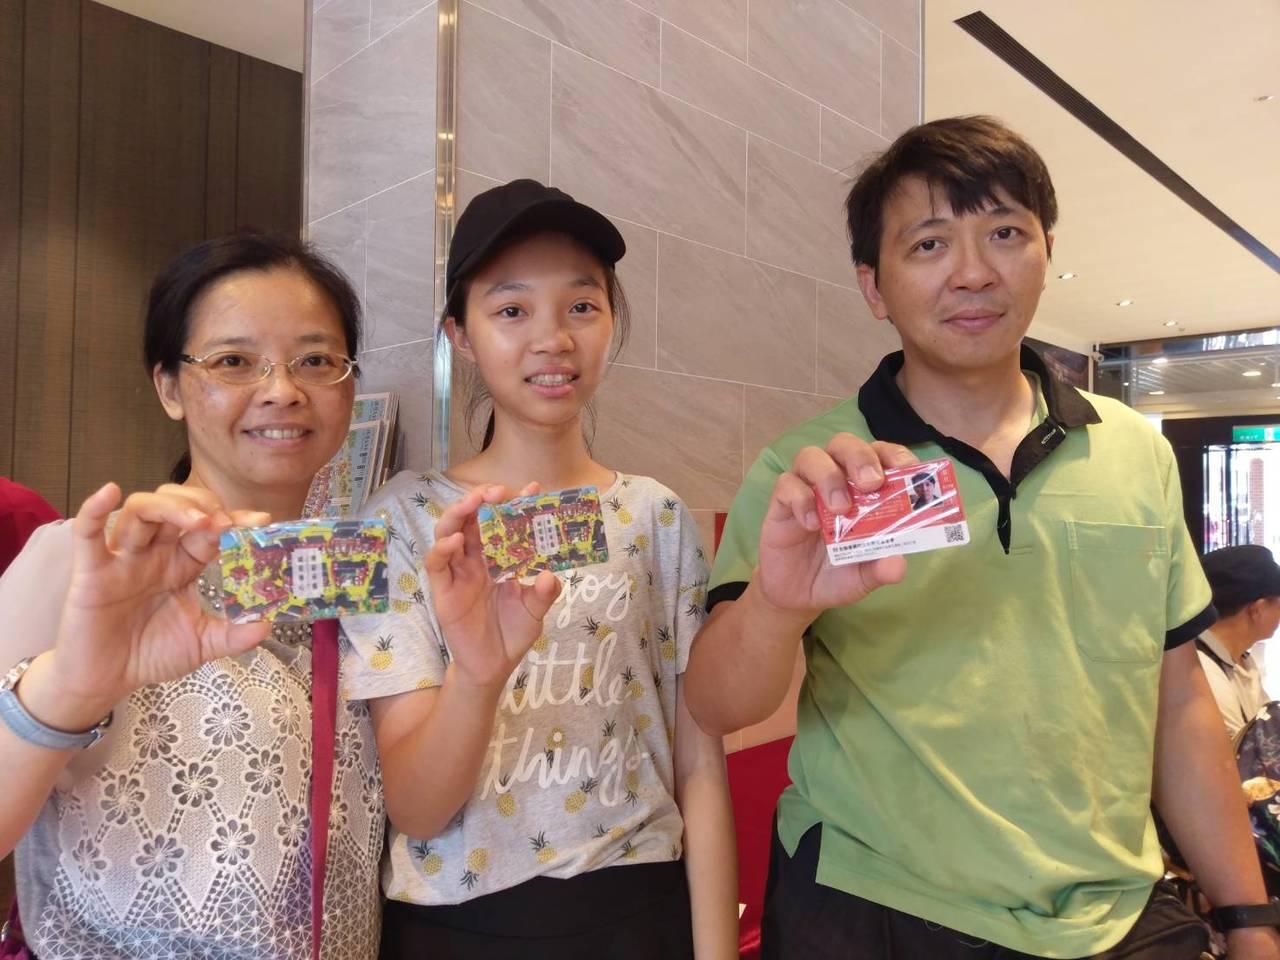 遊客期待已久的「傳藝年卡」開辦了,分成普通年卡、縣民年卡、敬老年卡,不少人是全家...